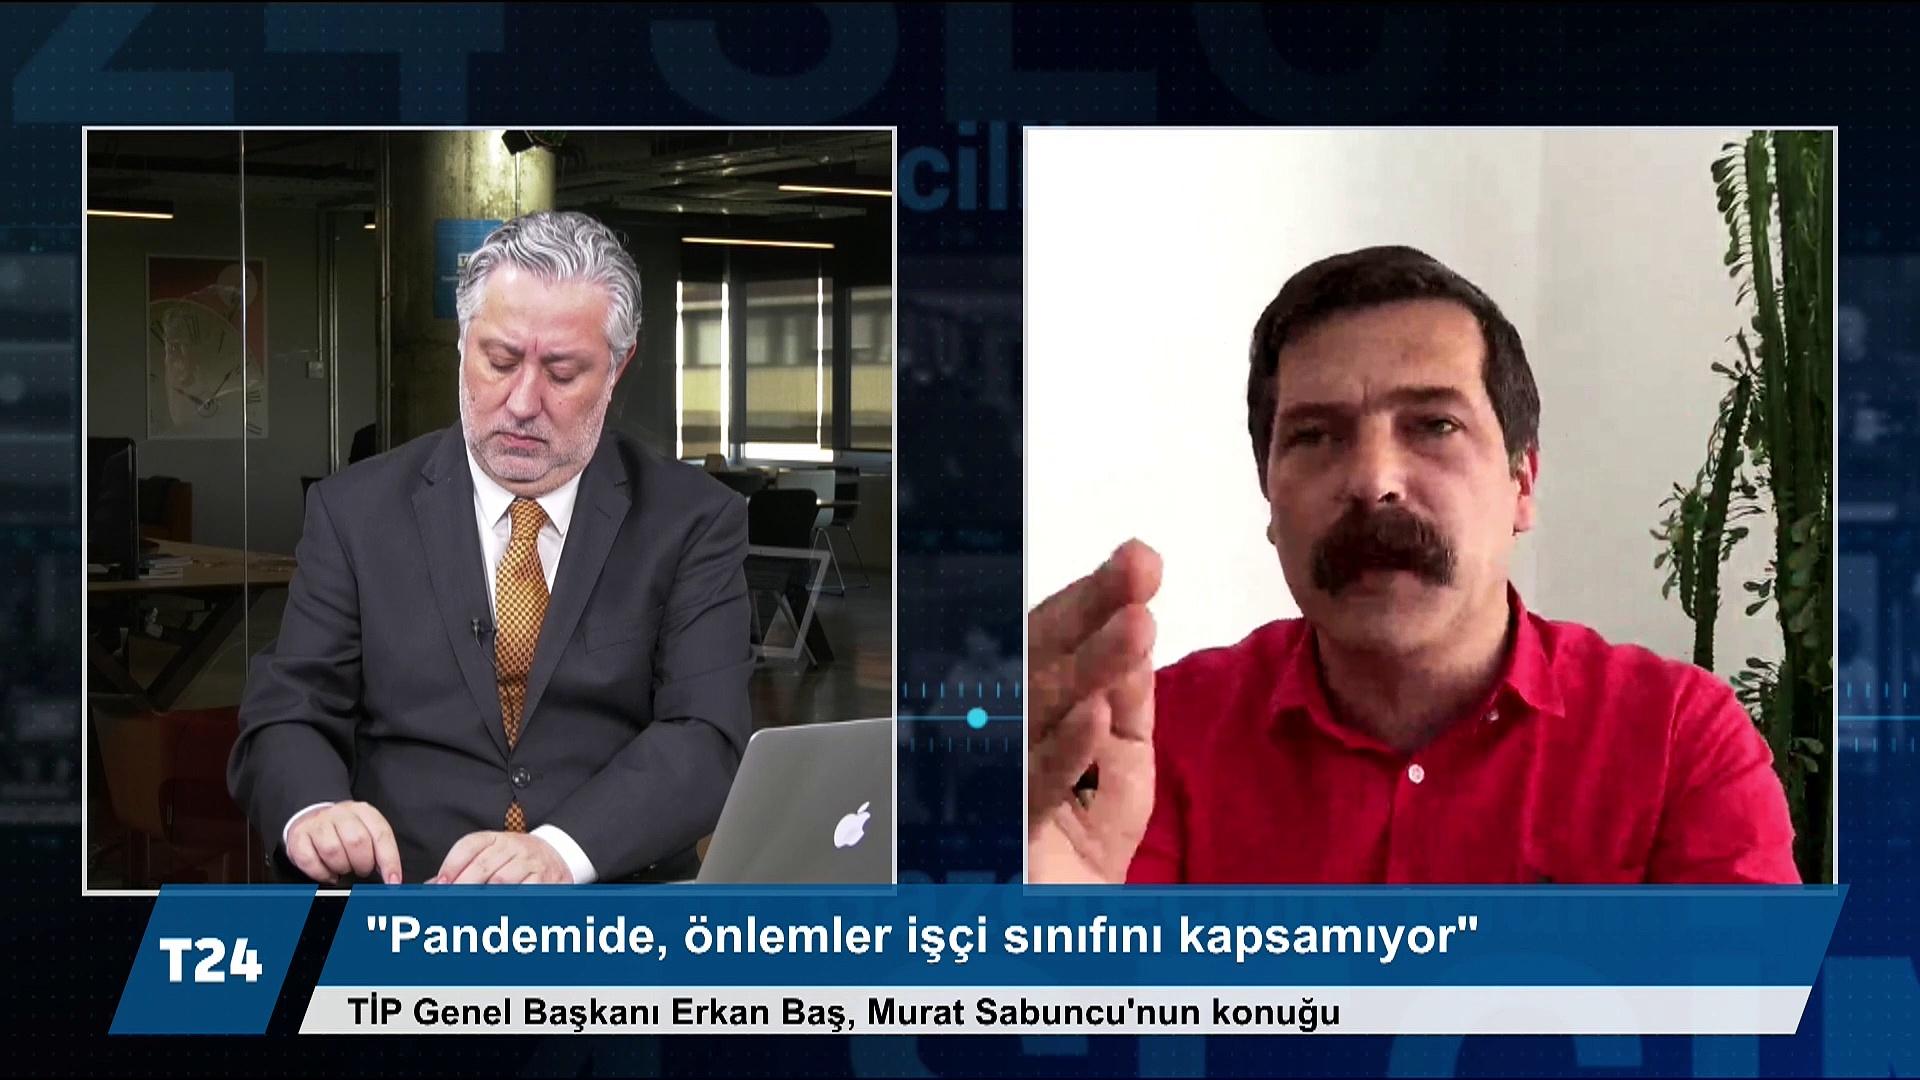 Erkan Baş: Muhalefet partileri, Türkiye'deki toplumsal hareketlerin yüzde biri kadar muhalefet yapamıyor